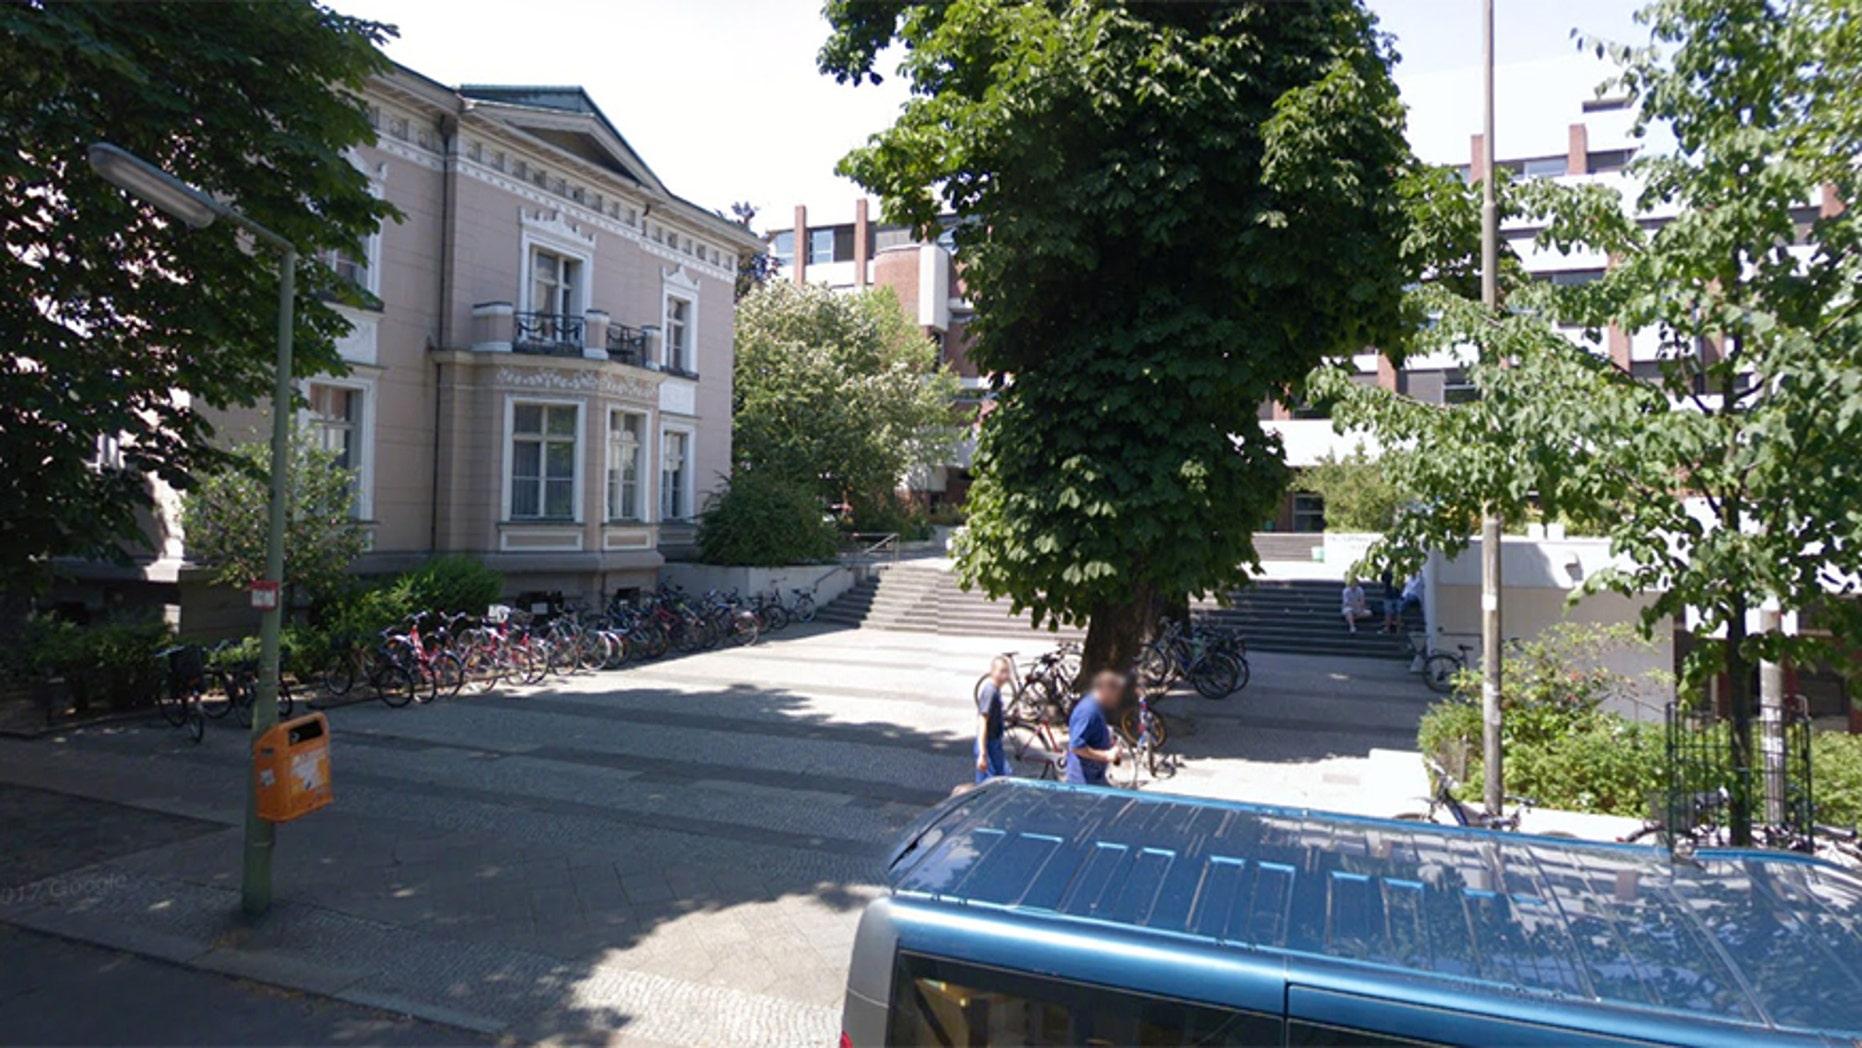 The Französisches Gymnasium school in Berlin.